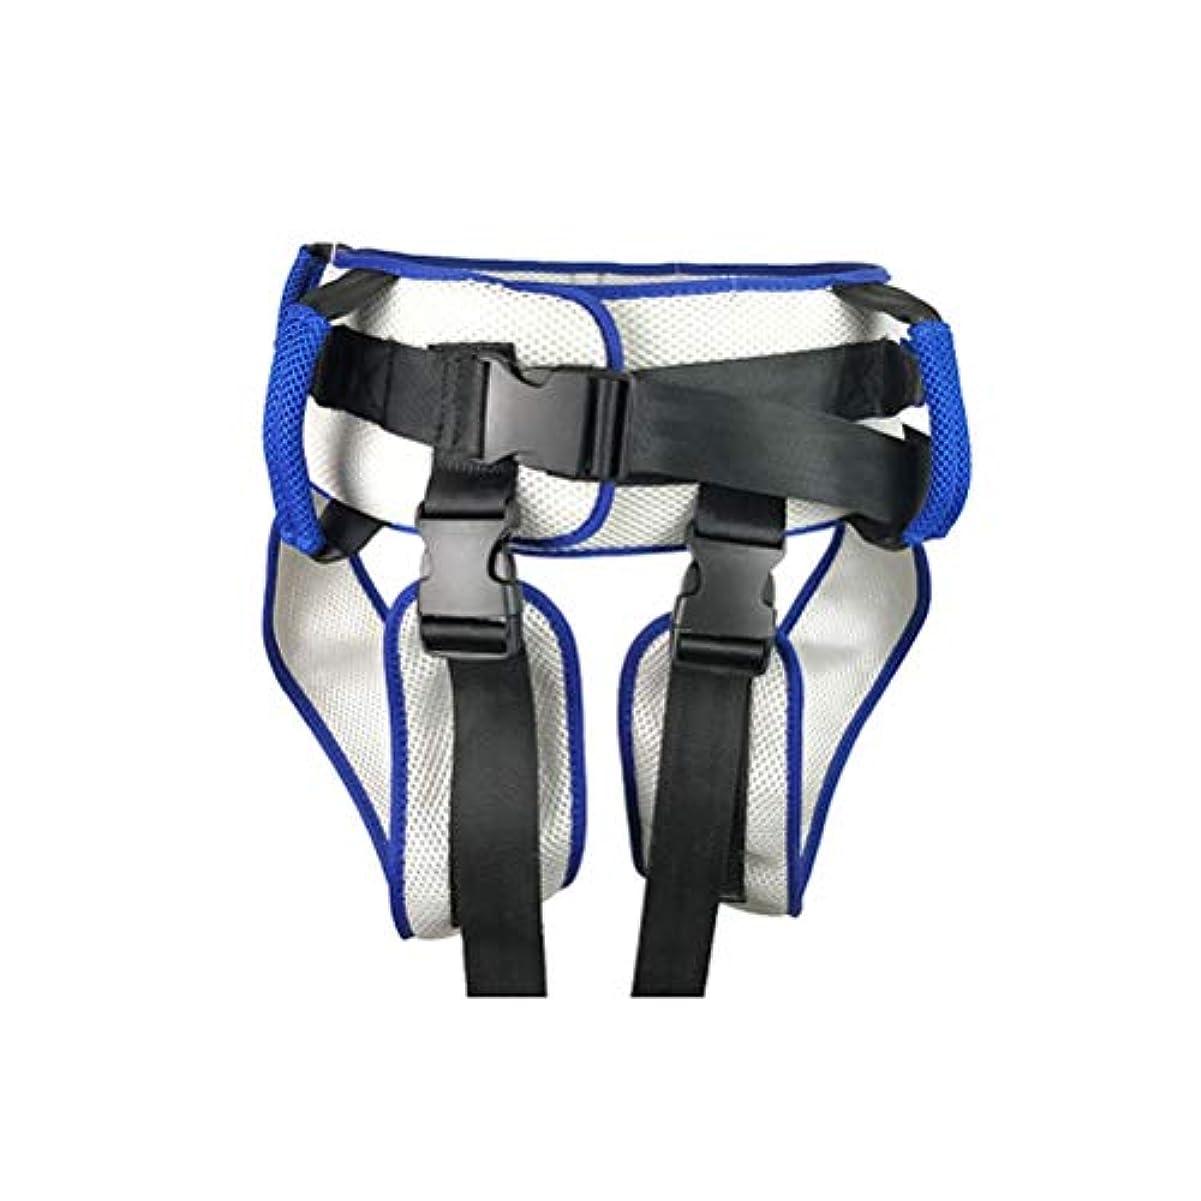 同じ怖がらせるホールドHEALLILY 足のループ付きHEALLILYトランスファーベルト患者補助トランスファースリングリハビリテーションベルト下肢歩行立ちトレーニング用具(青)